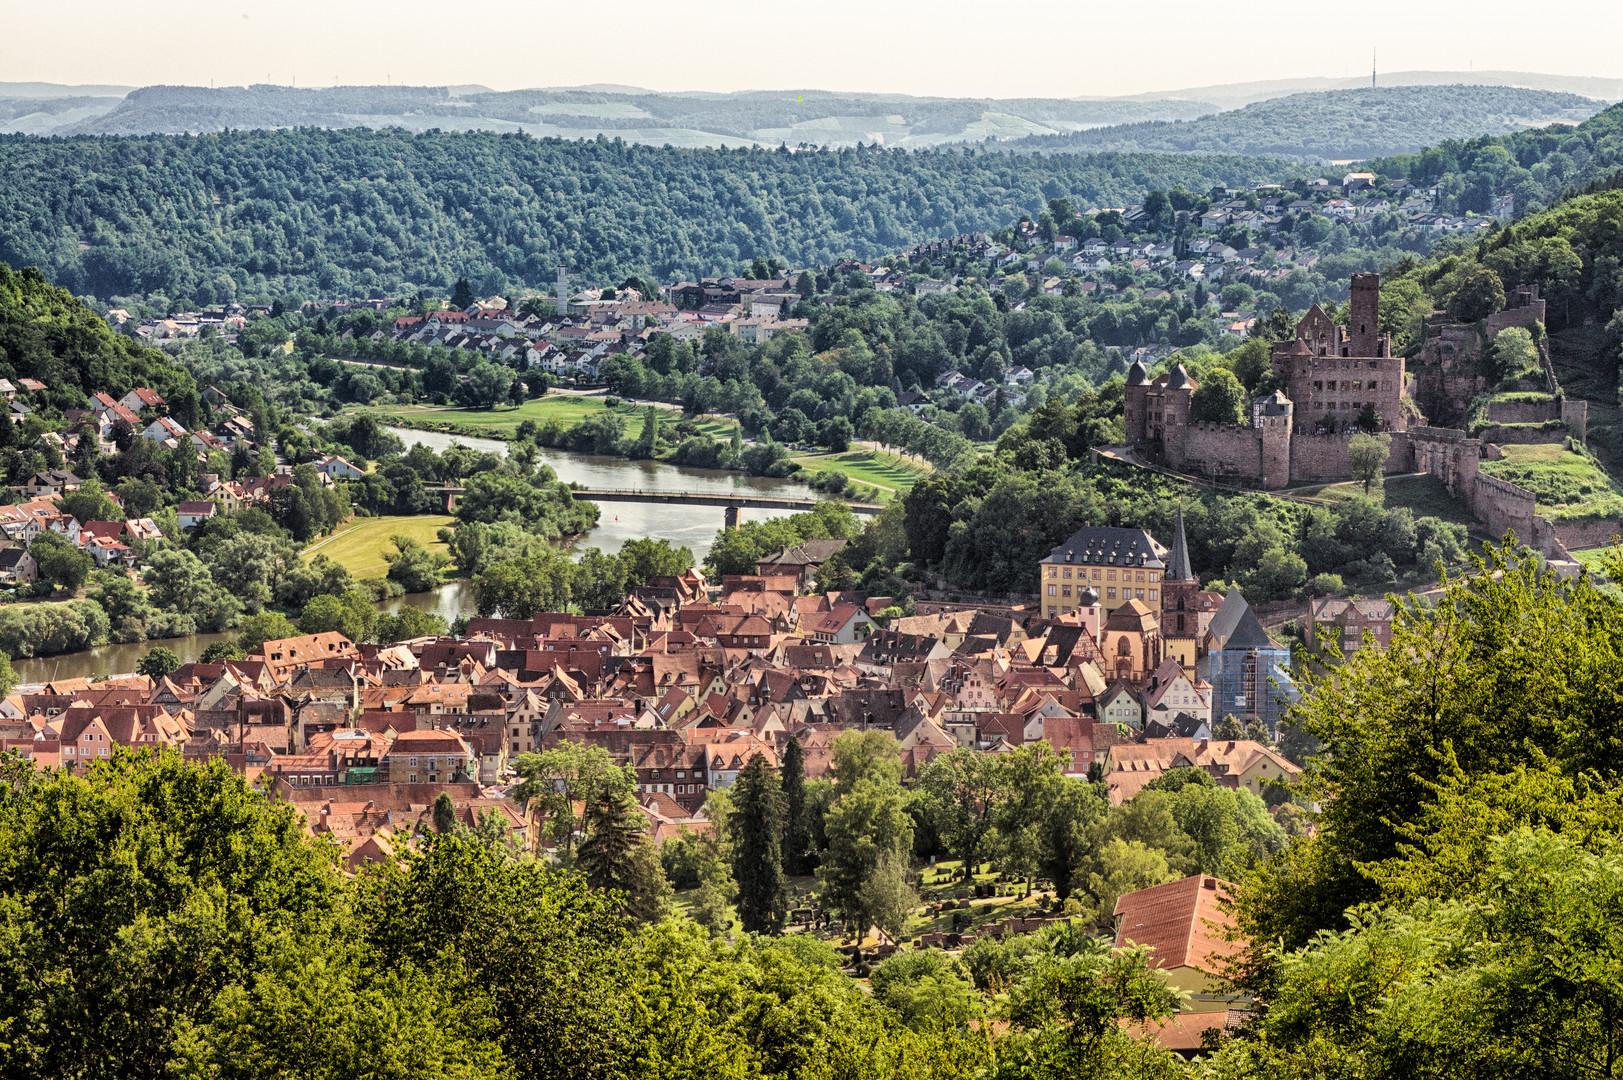 Beautiful old Wertheim Castle & Town